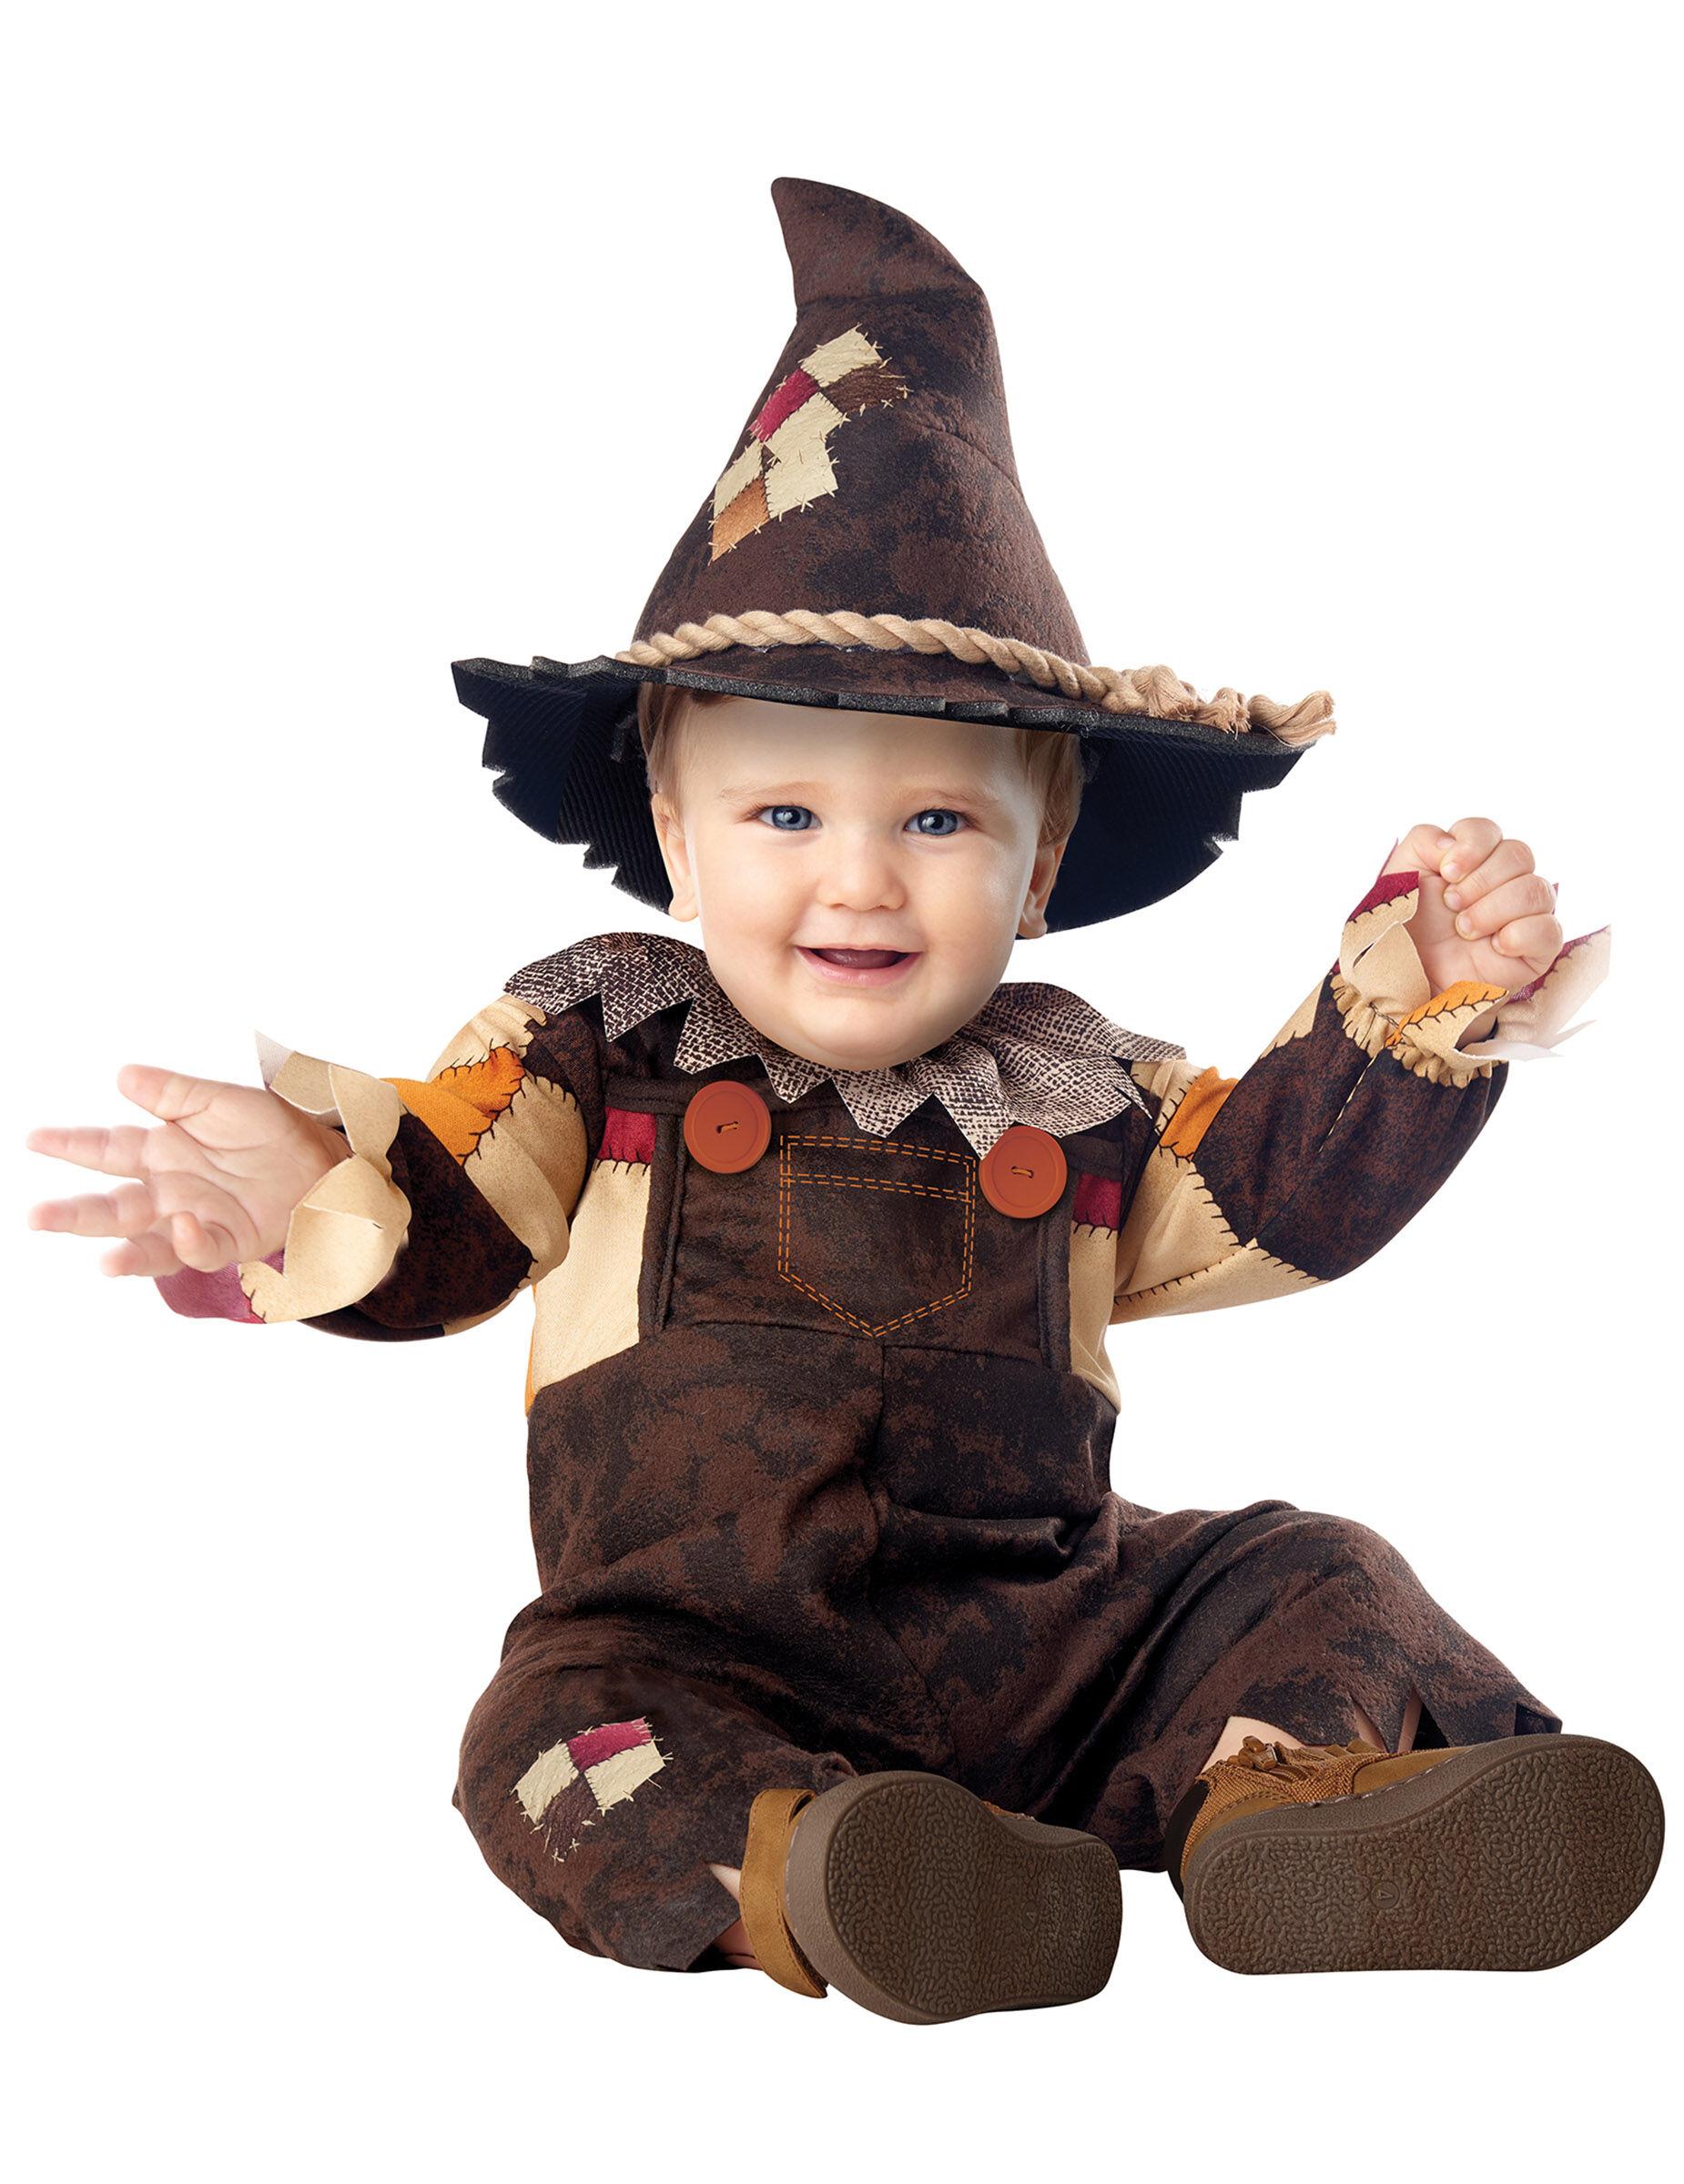 Deguisetoi Déguisement joyeux épouvantail bébé - Taille: 6-12 mois (74cm)